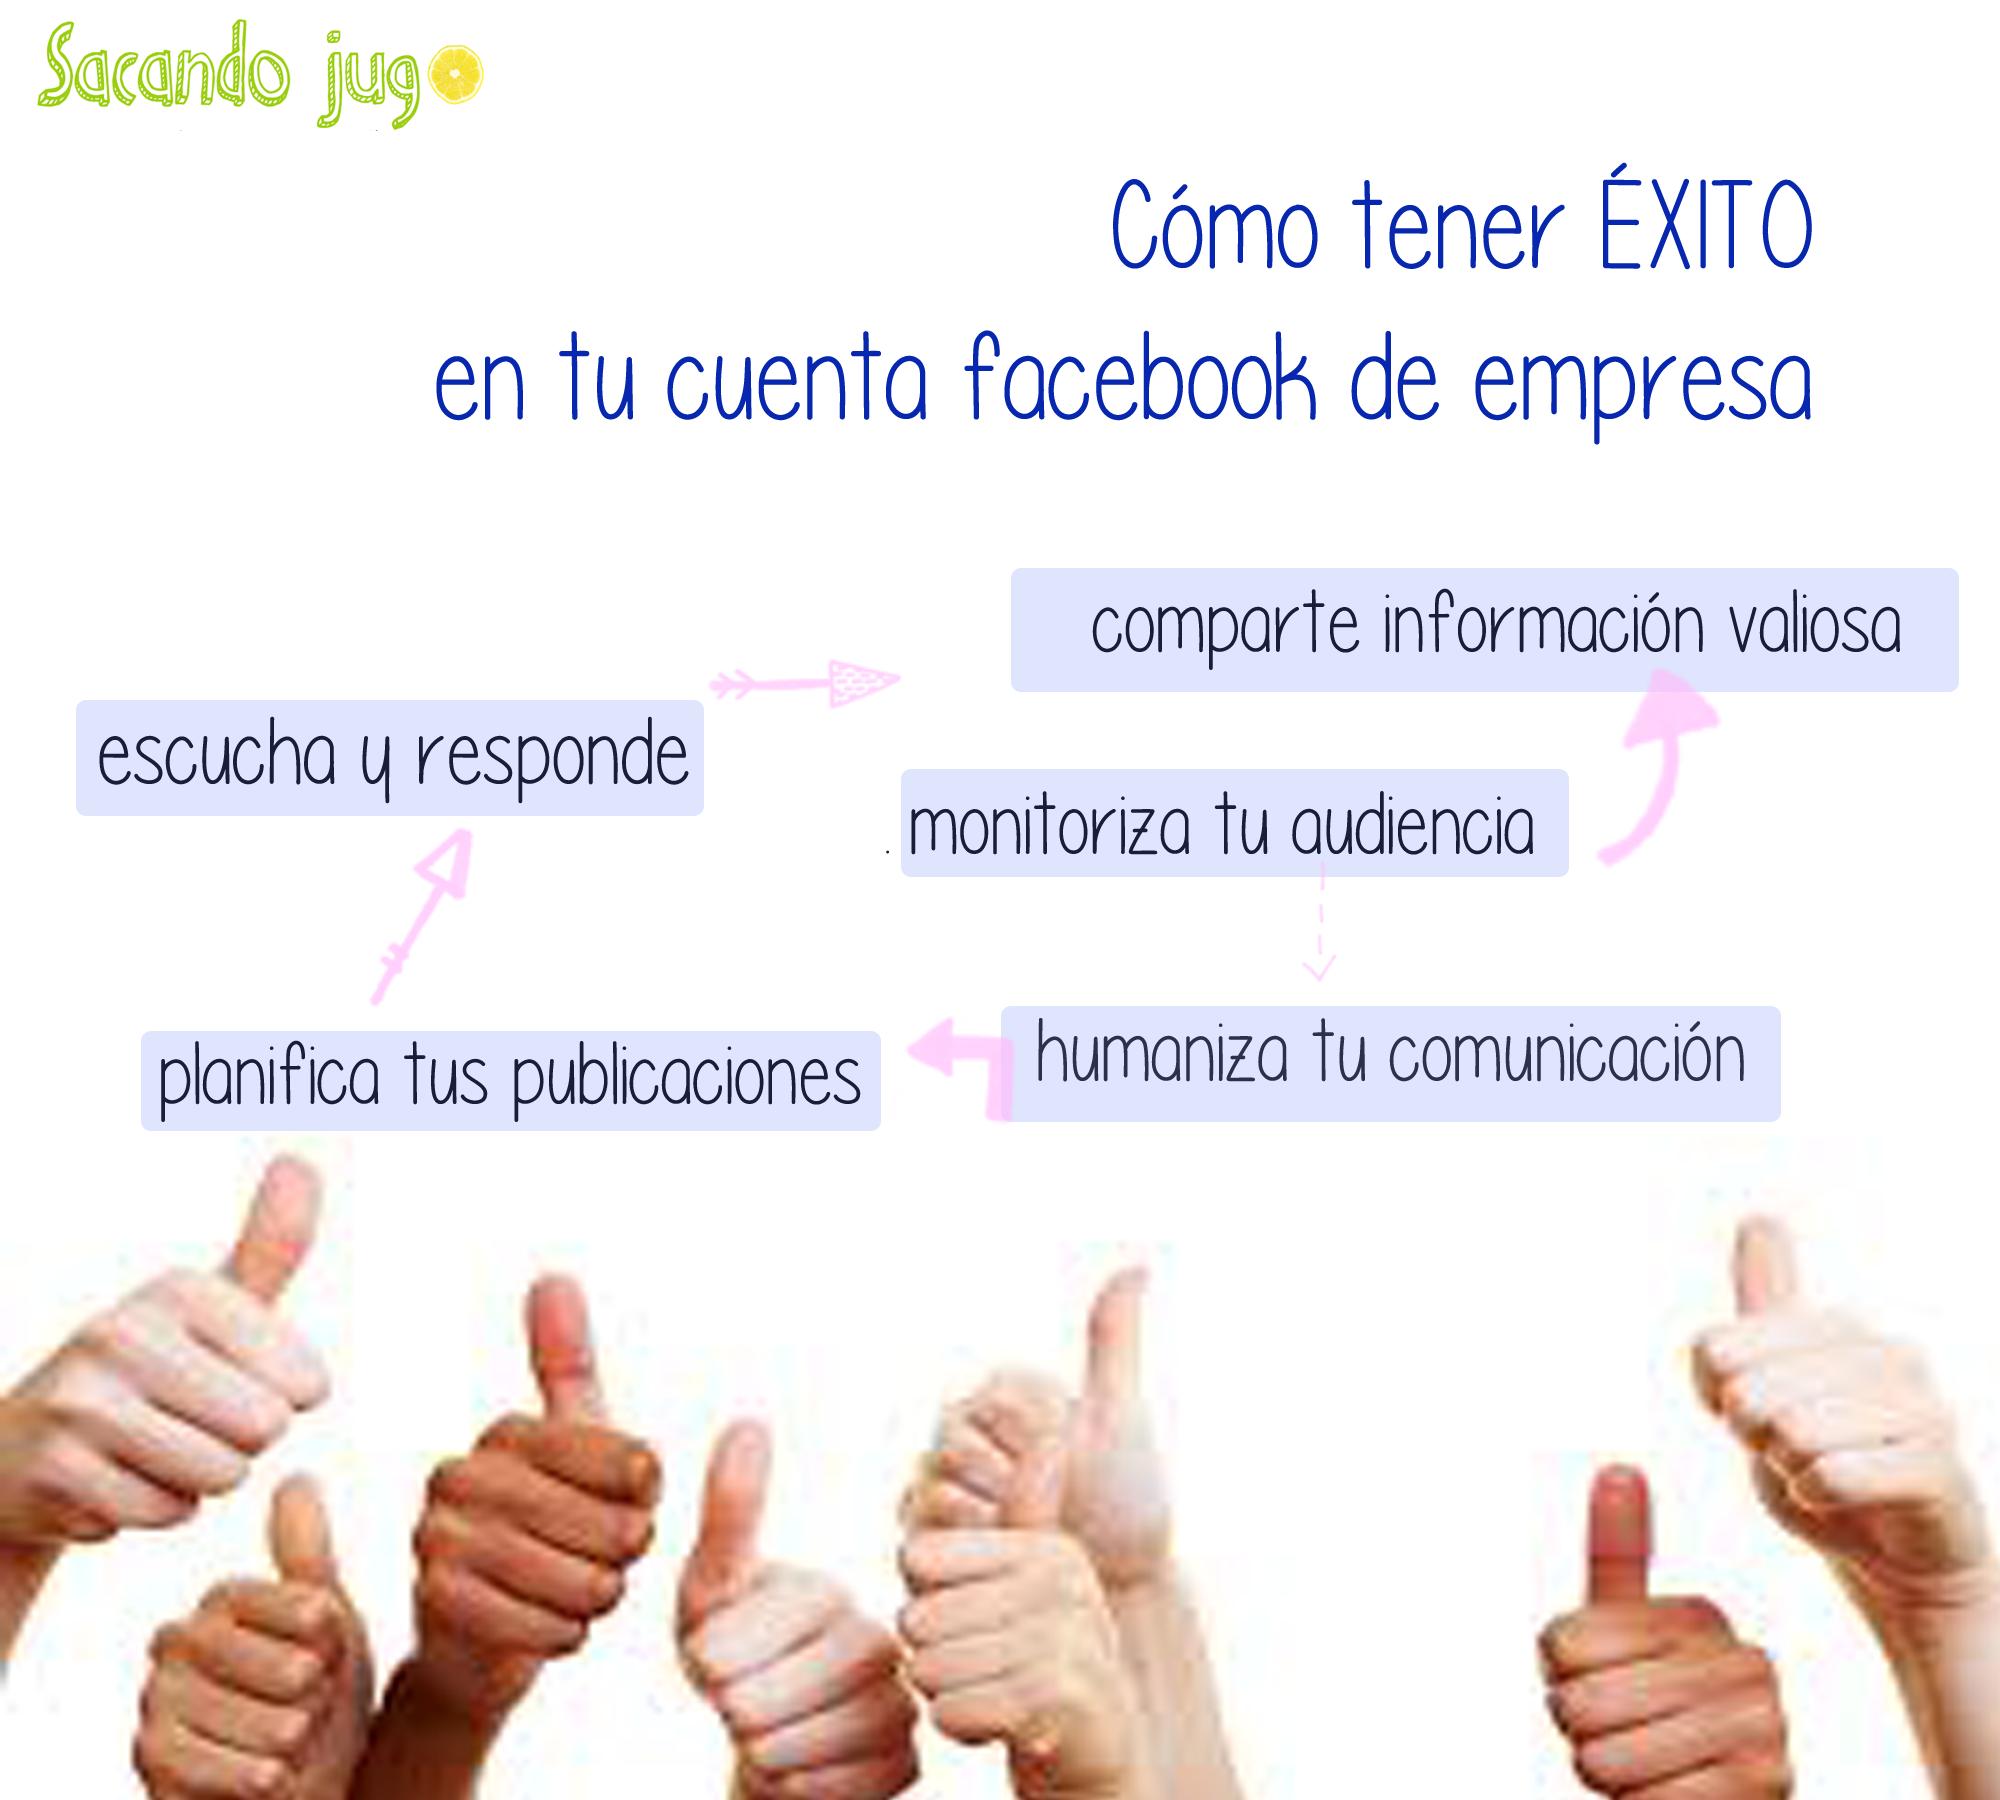 Cómo tener ÉXITO en tu cuenta facebook de empresa